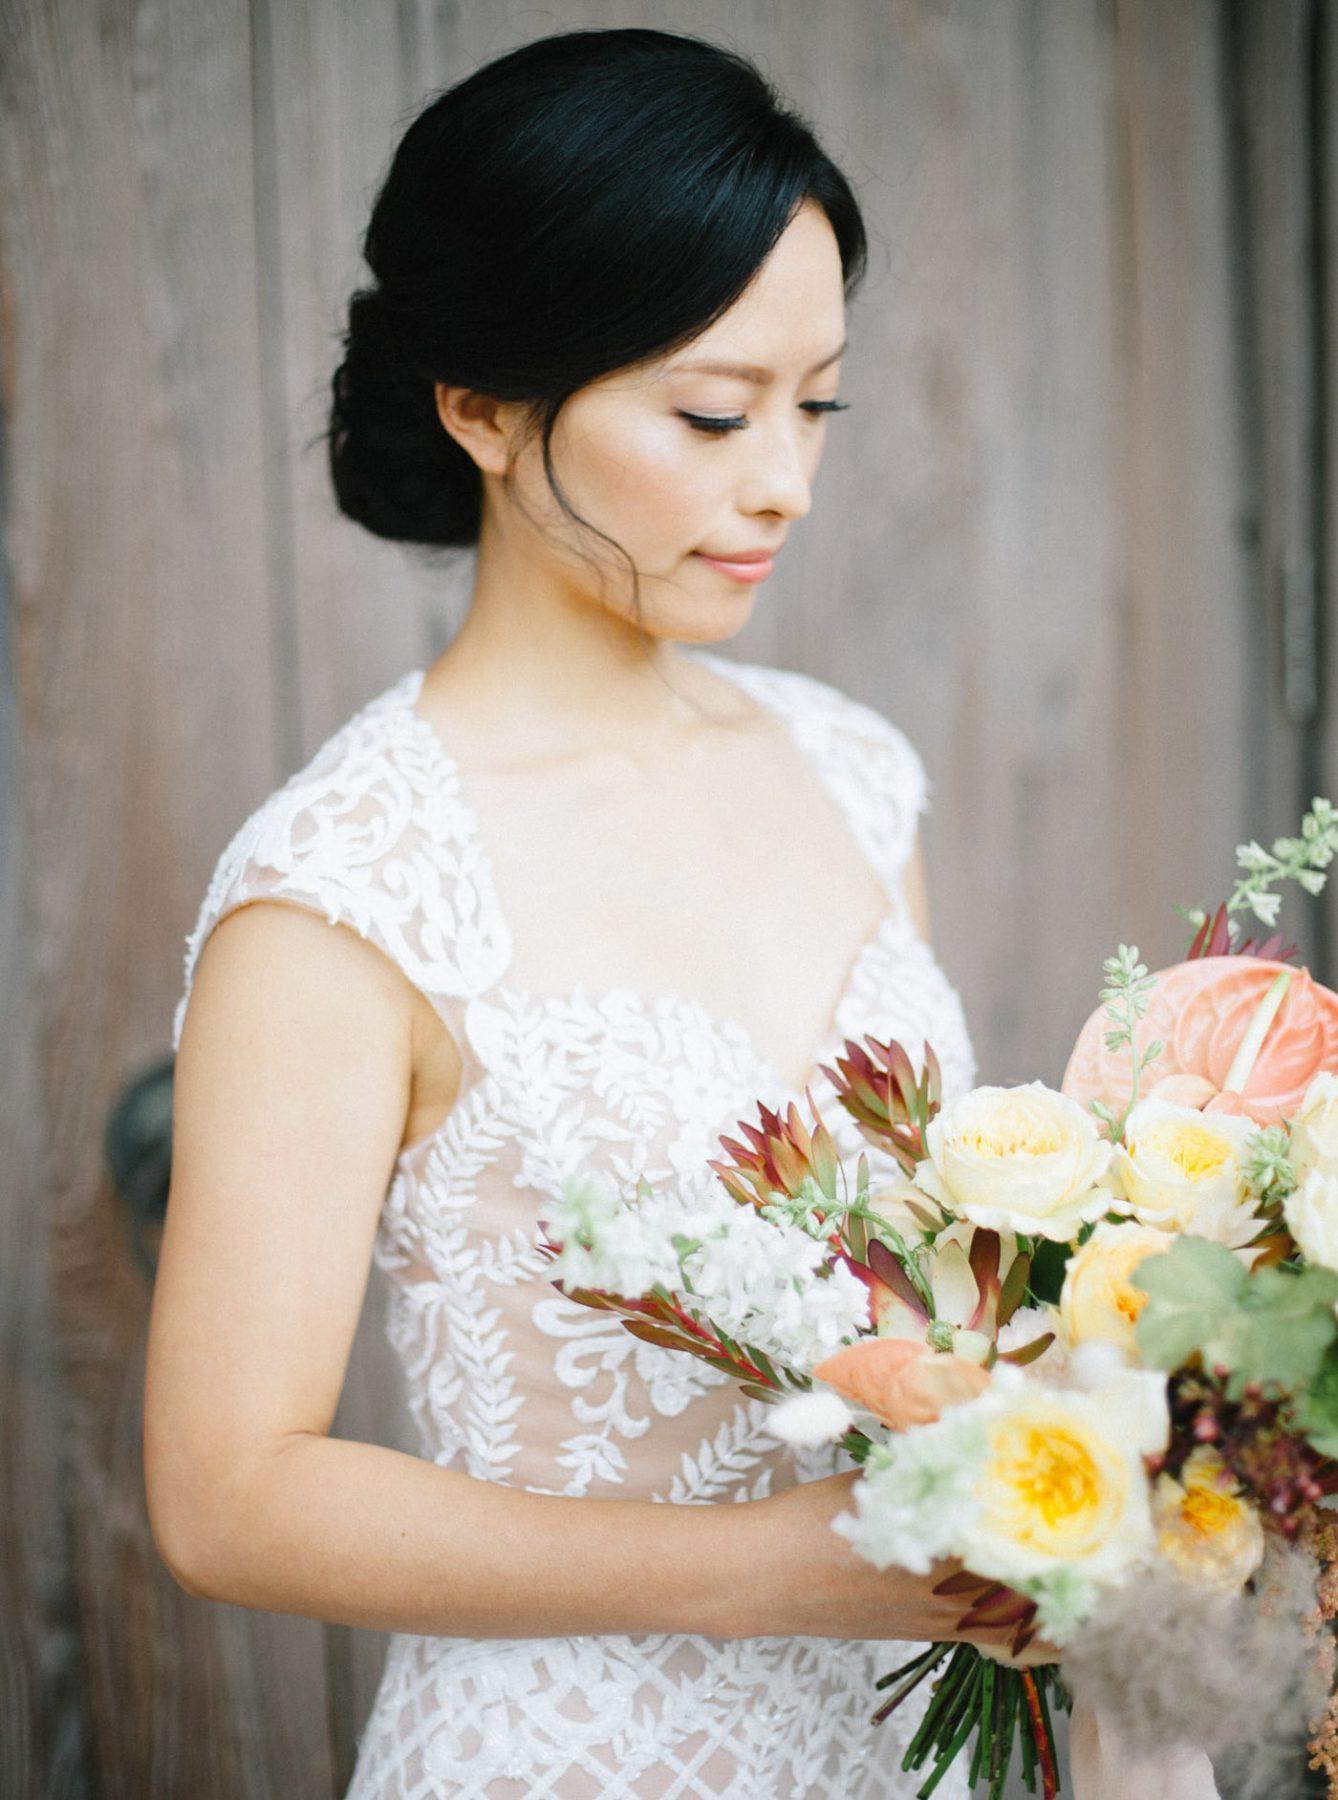 唯諾禮服婚紗-Fine-art-美式婚紗-stage-editorial-mark-